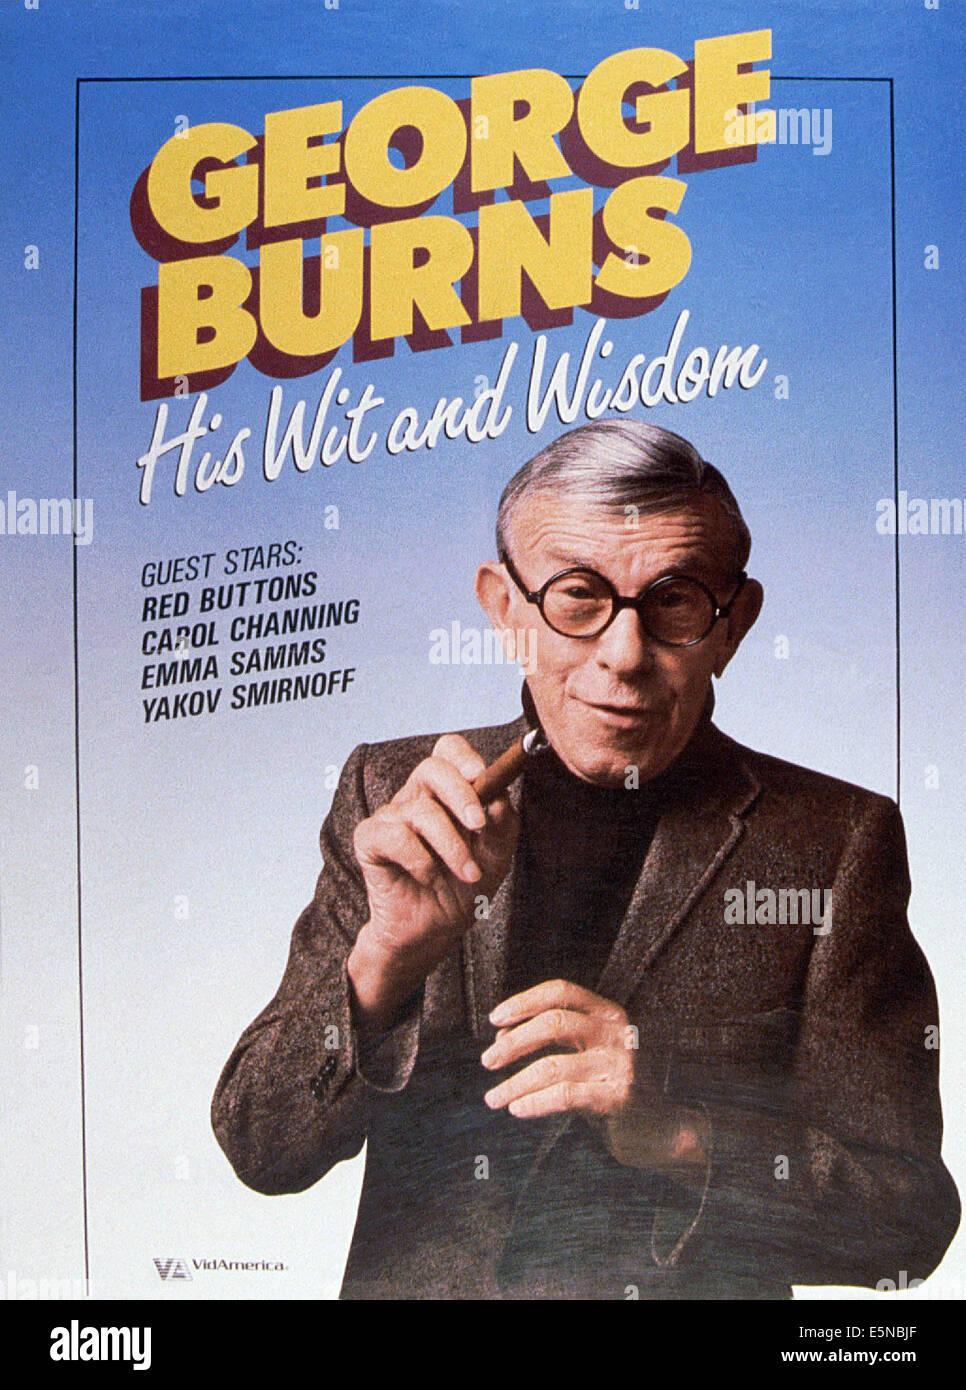 GEORGE BURNS - su ingenio y sabiduría, 1989 Imagen De Stock